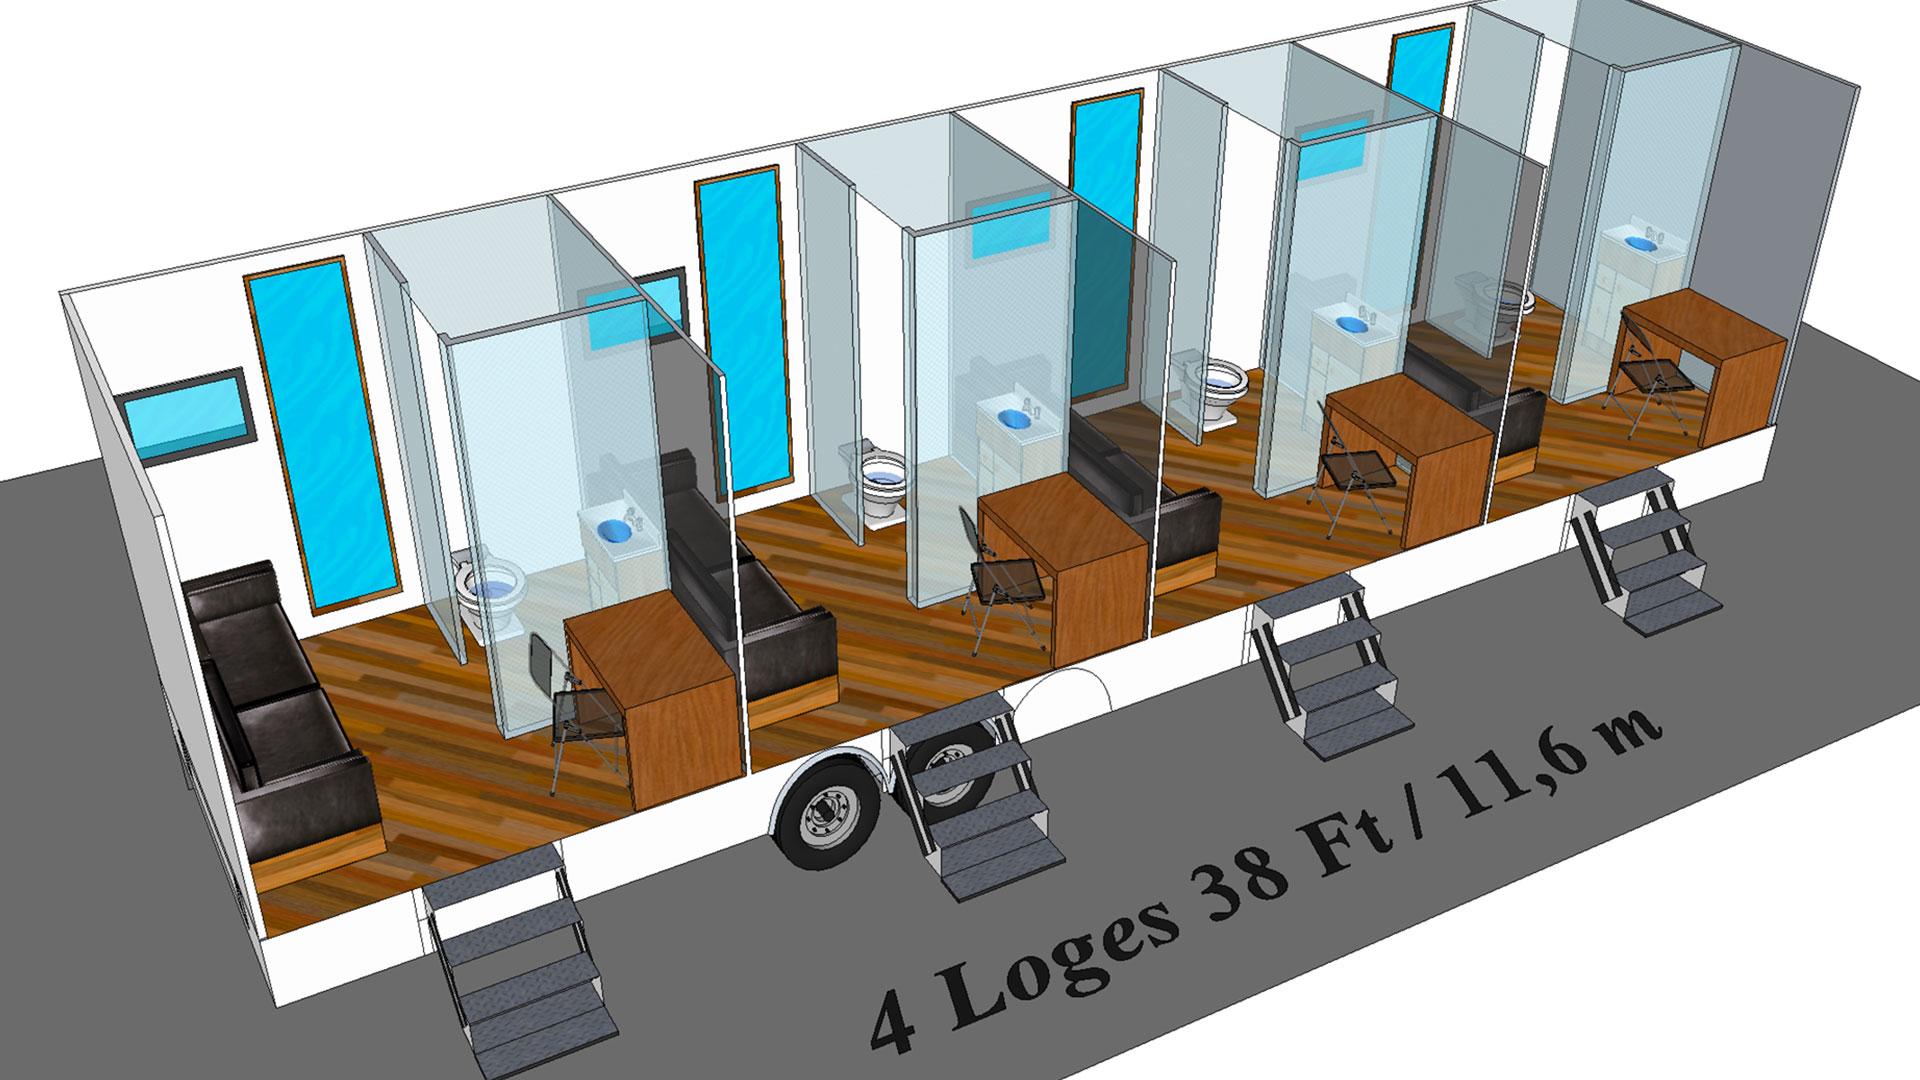 4 Loges modèle 3D